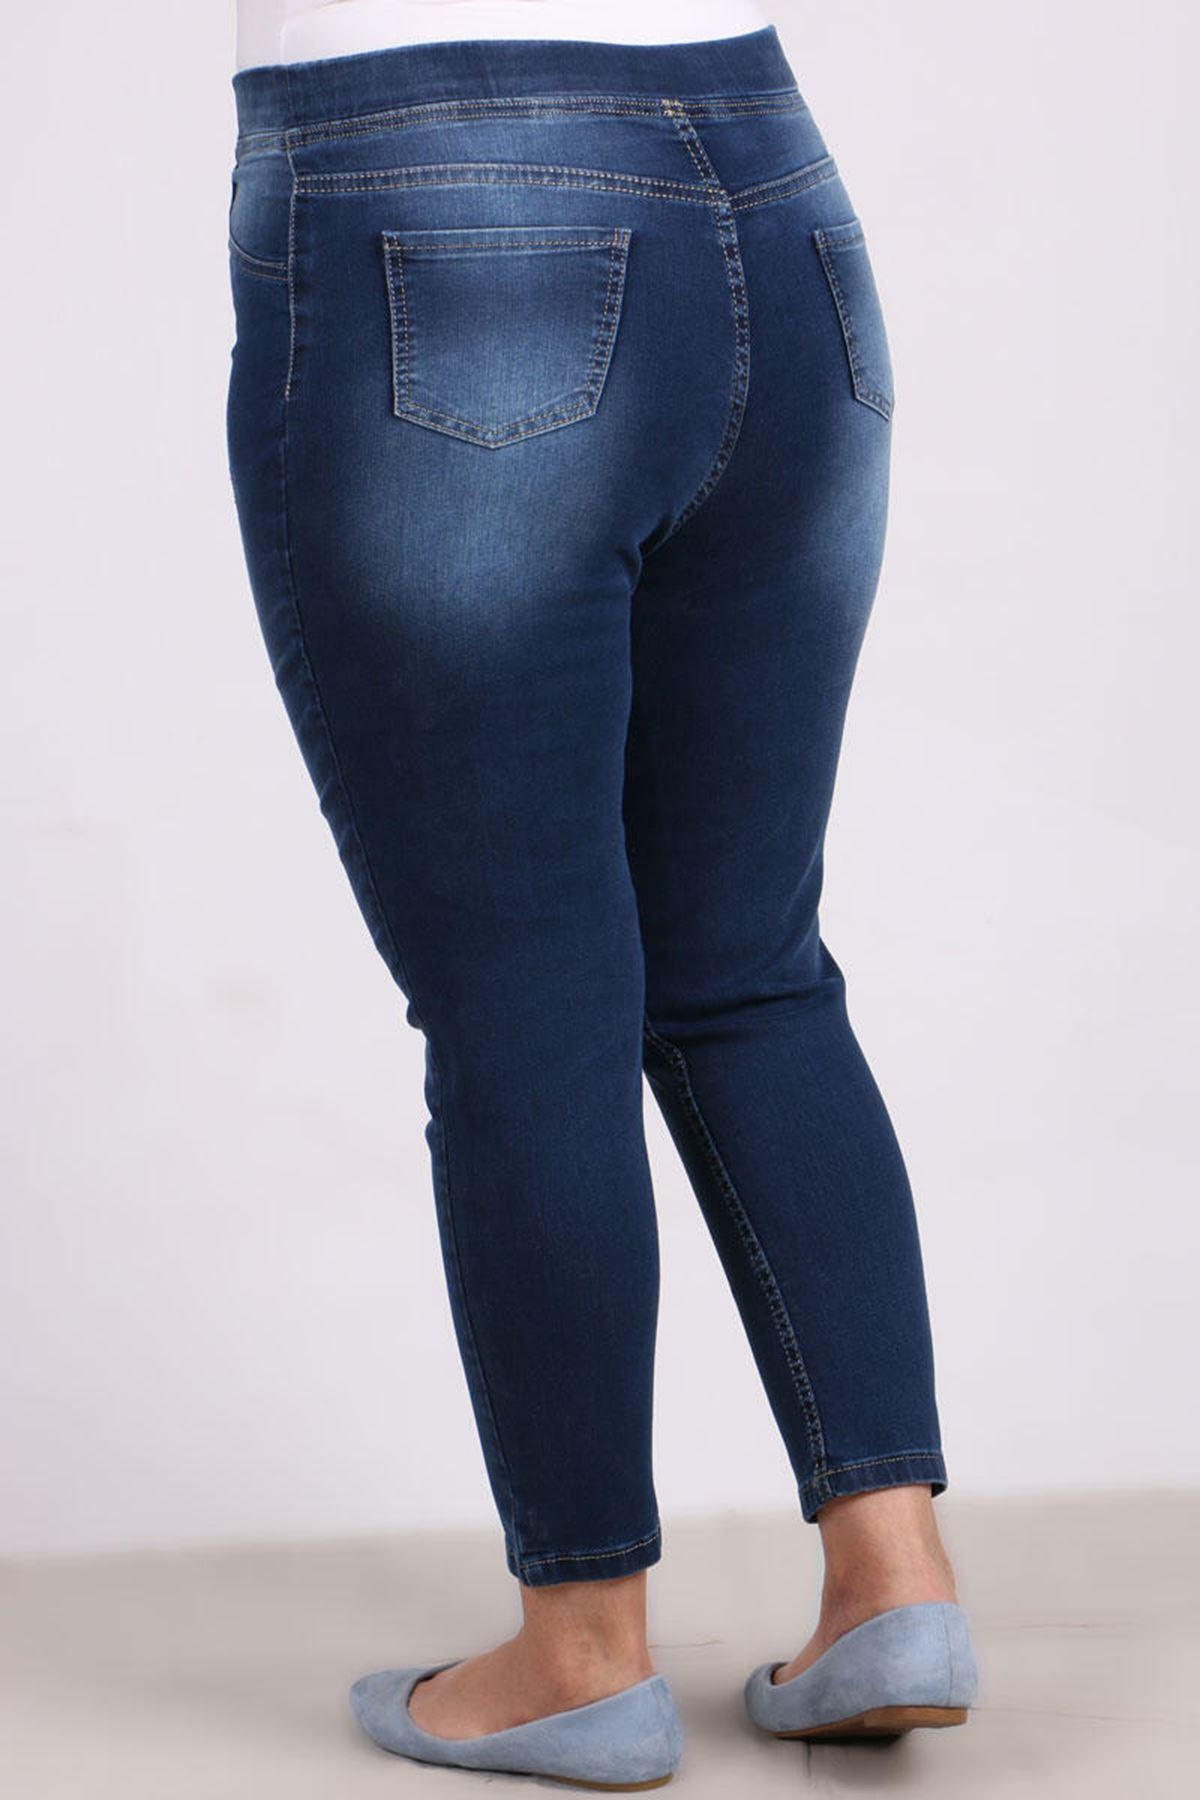 9109-10 Büyük Beden Beli Lastikli Tırnaklı  Dar Paça Kot Pantalon- Mavi